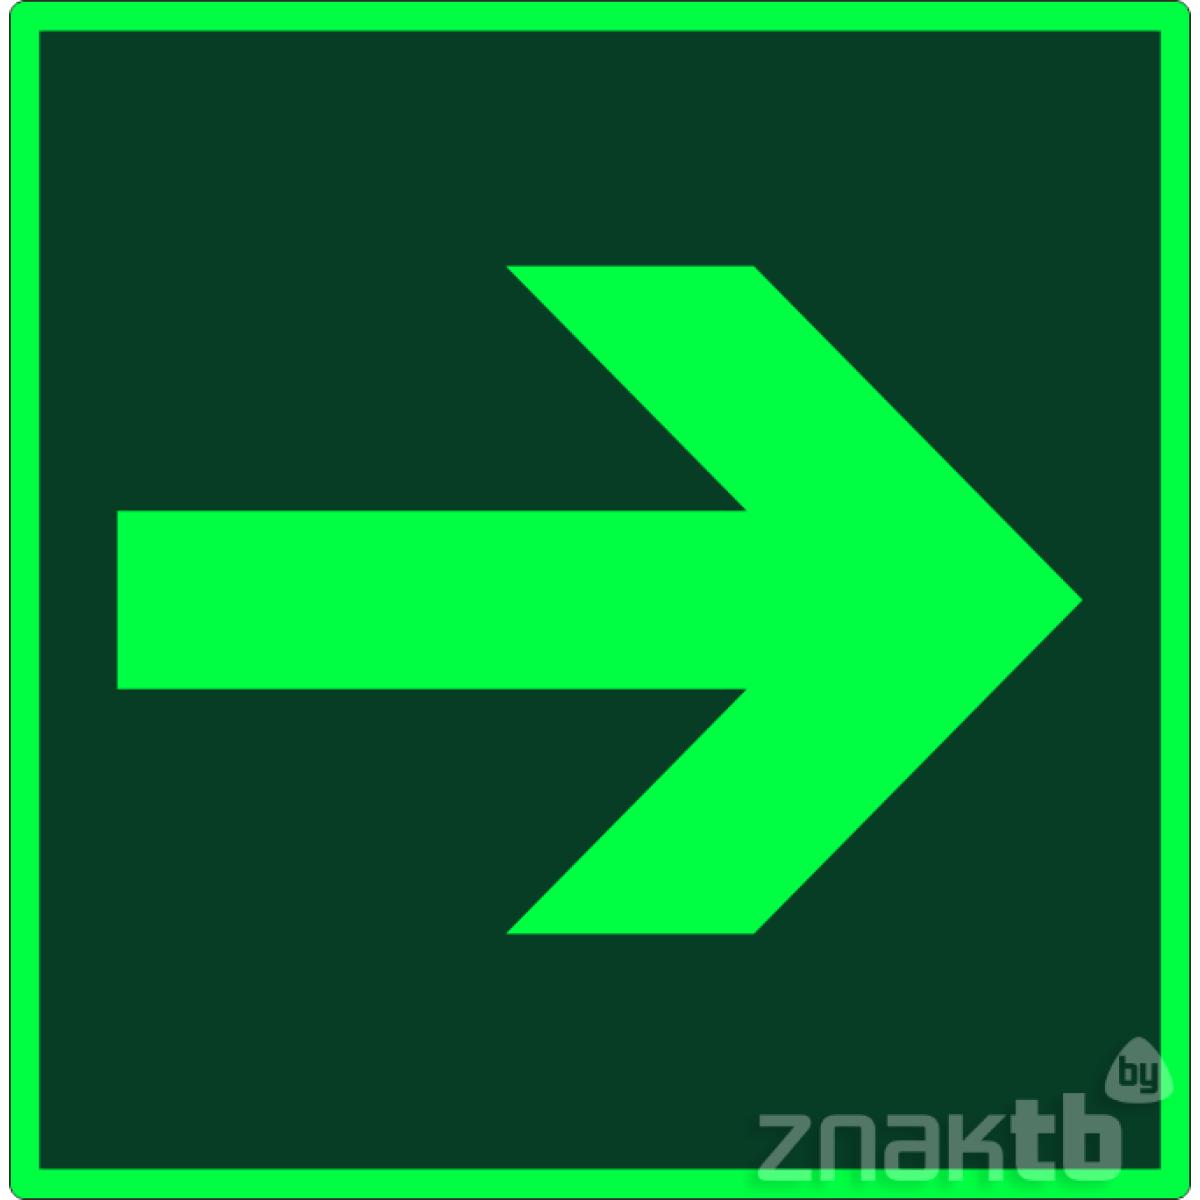 040 Знак Направление эвакуации фотолюм. код Е02-01